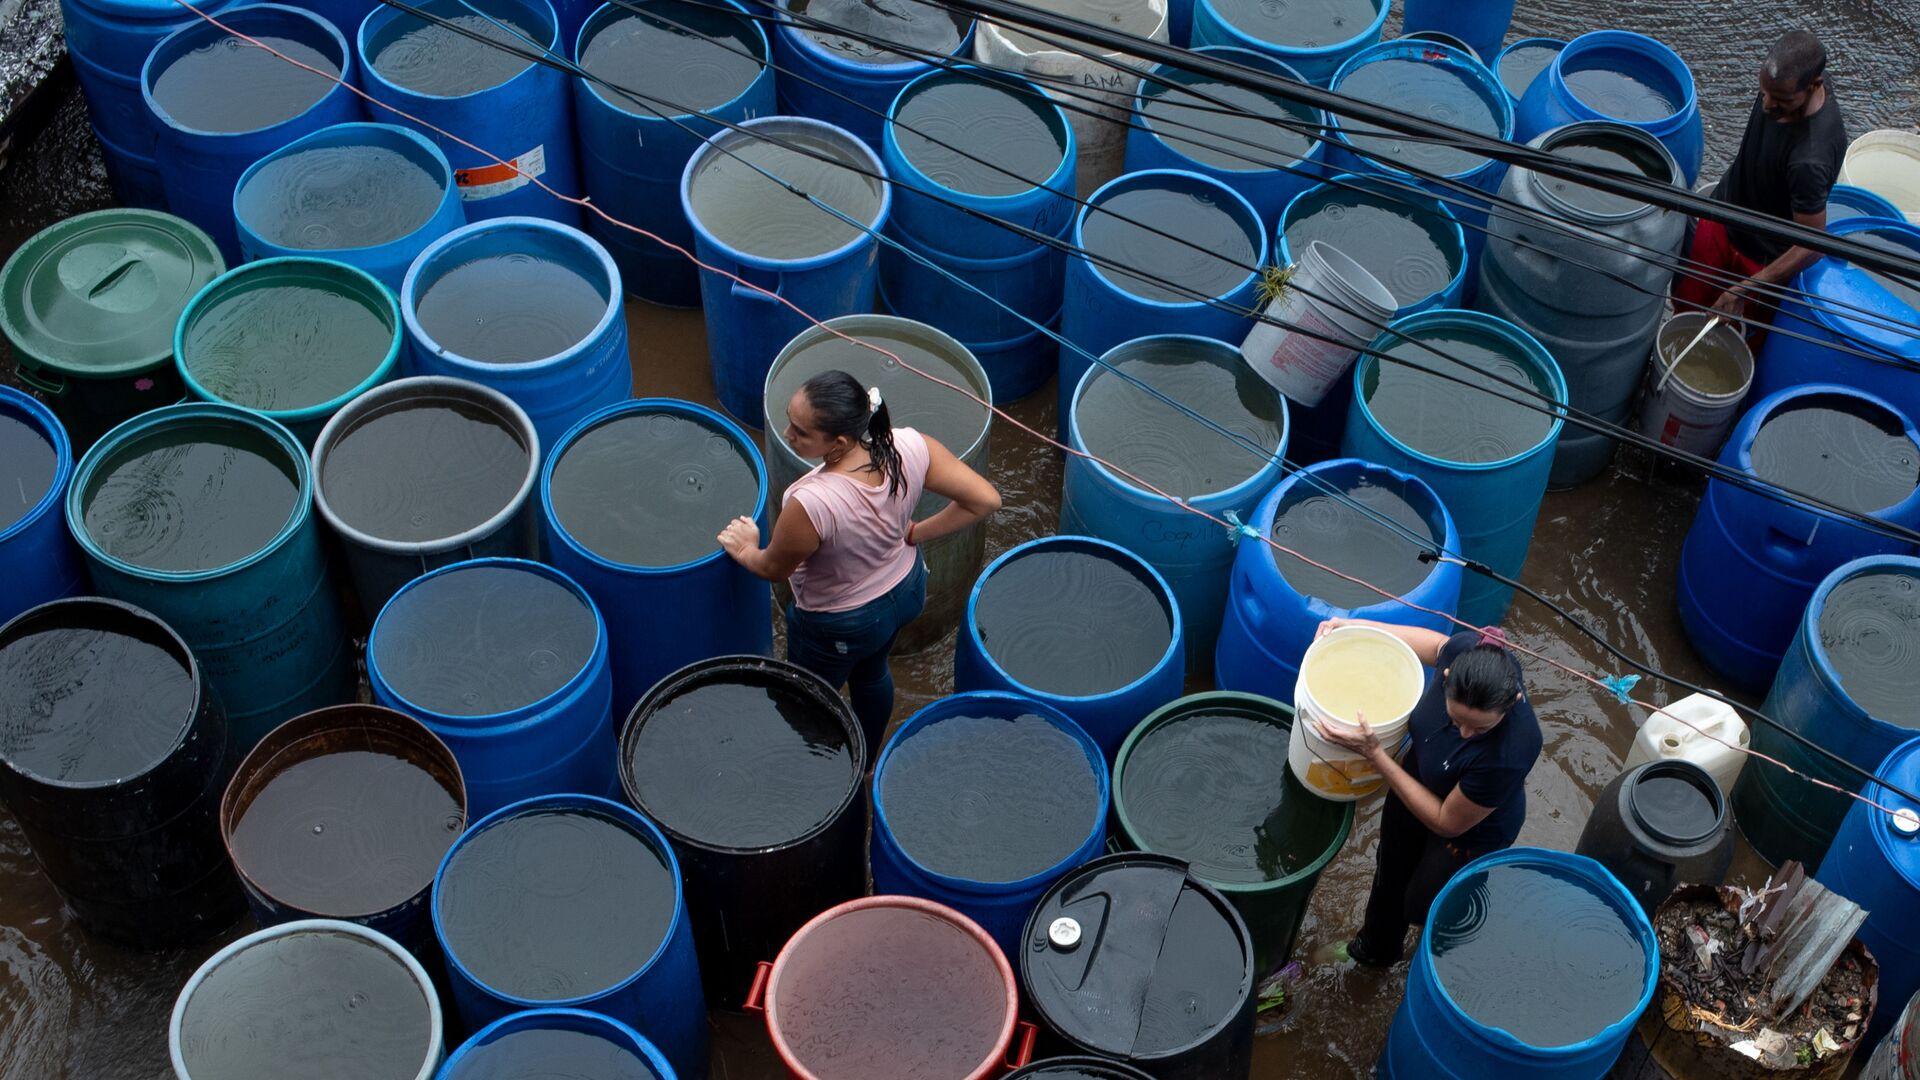 La gente llena los envases plásticos con agua en Petare, Caracas - Sputnik Mundo, 1920, 02.09.2021